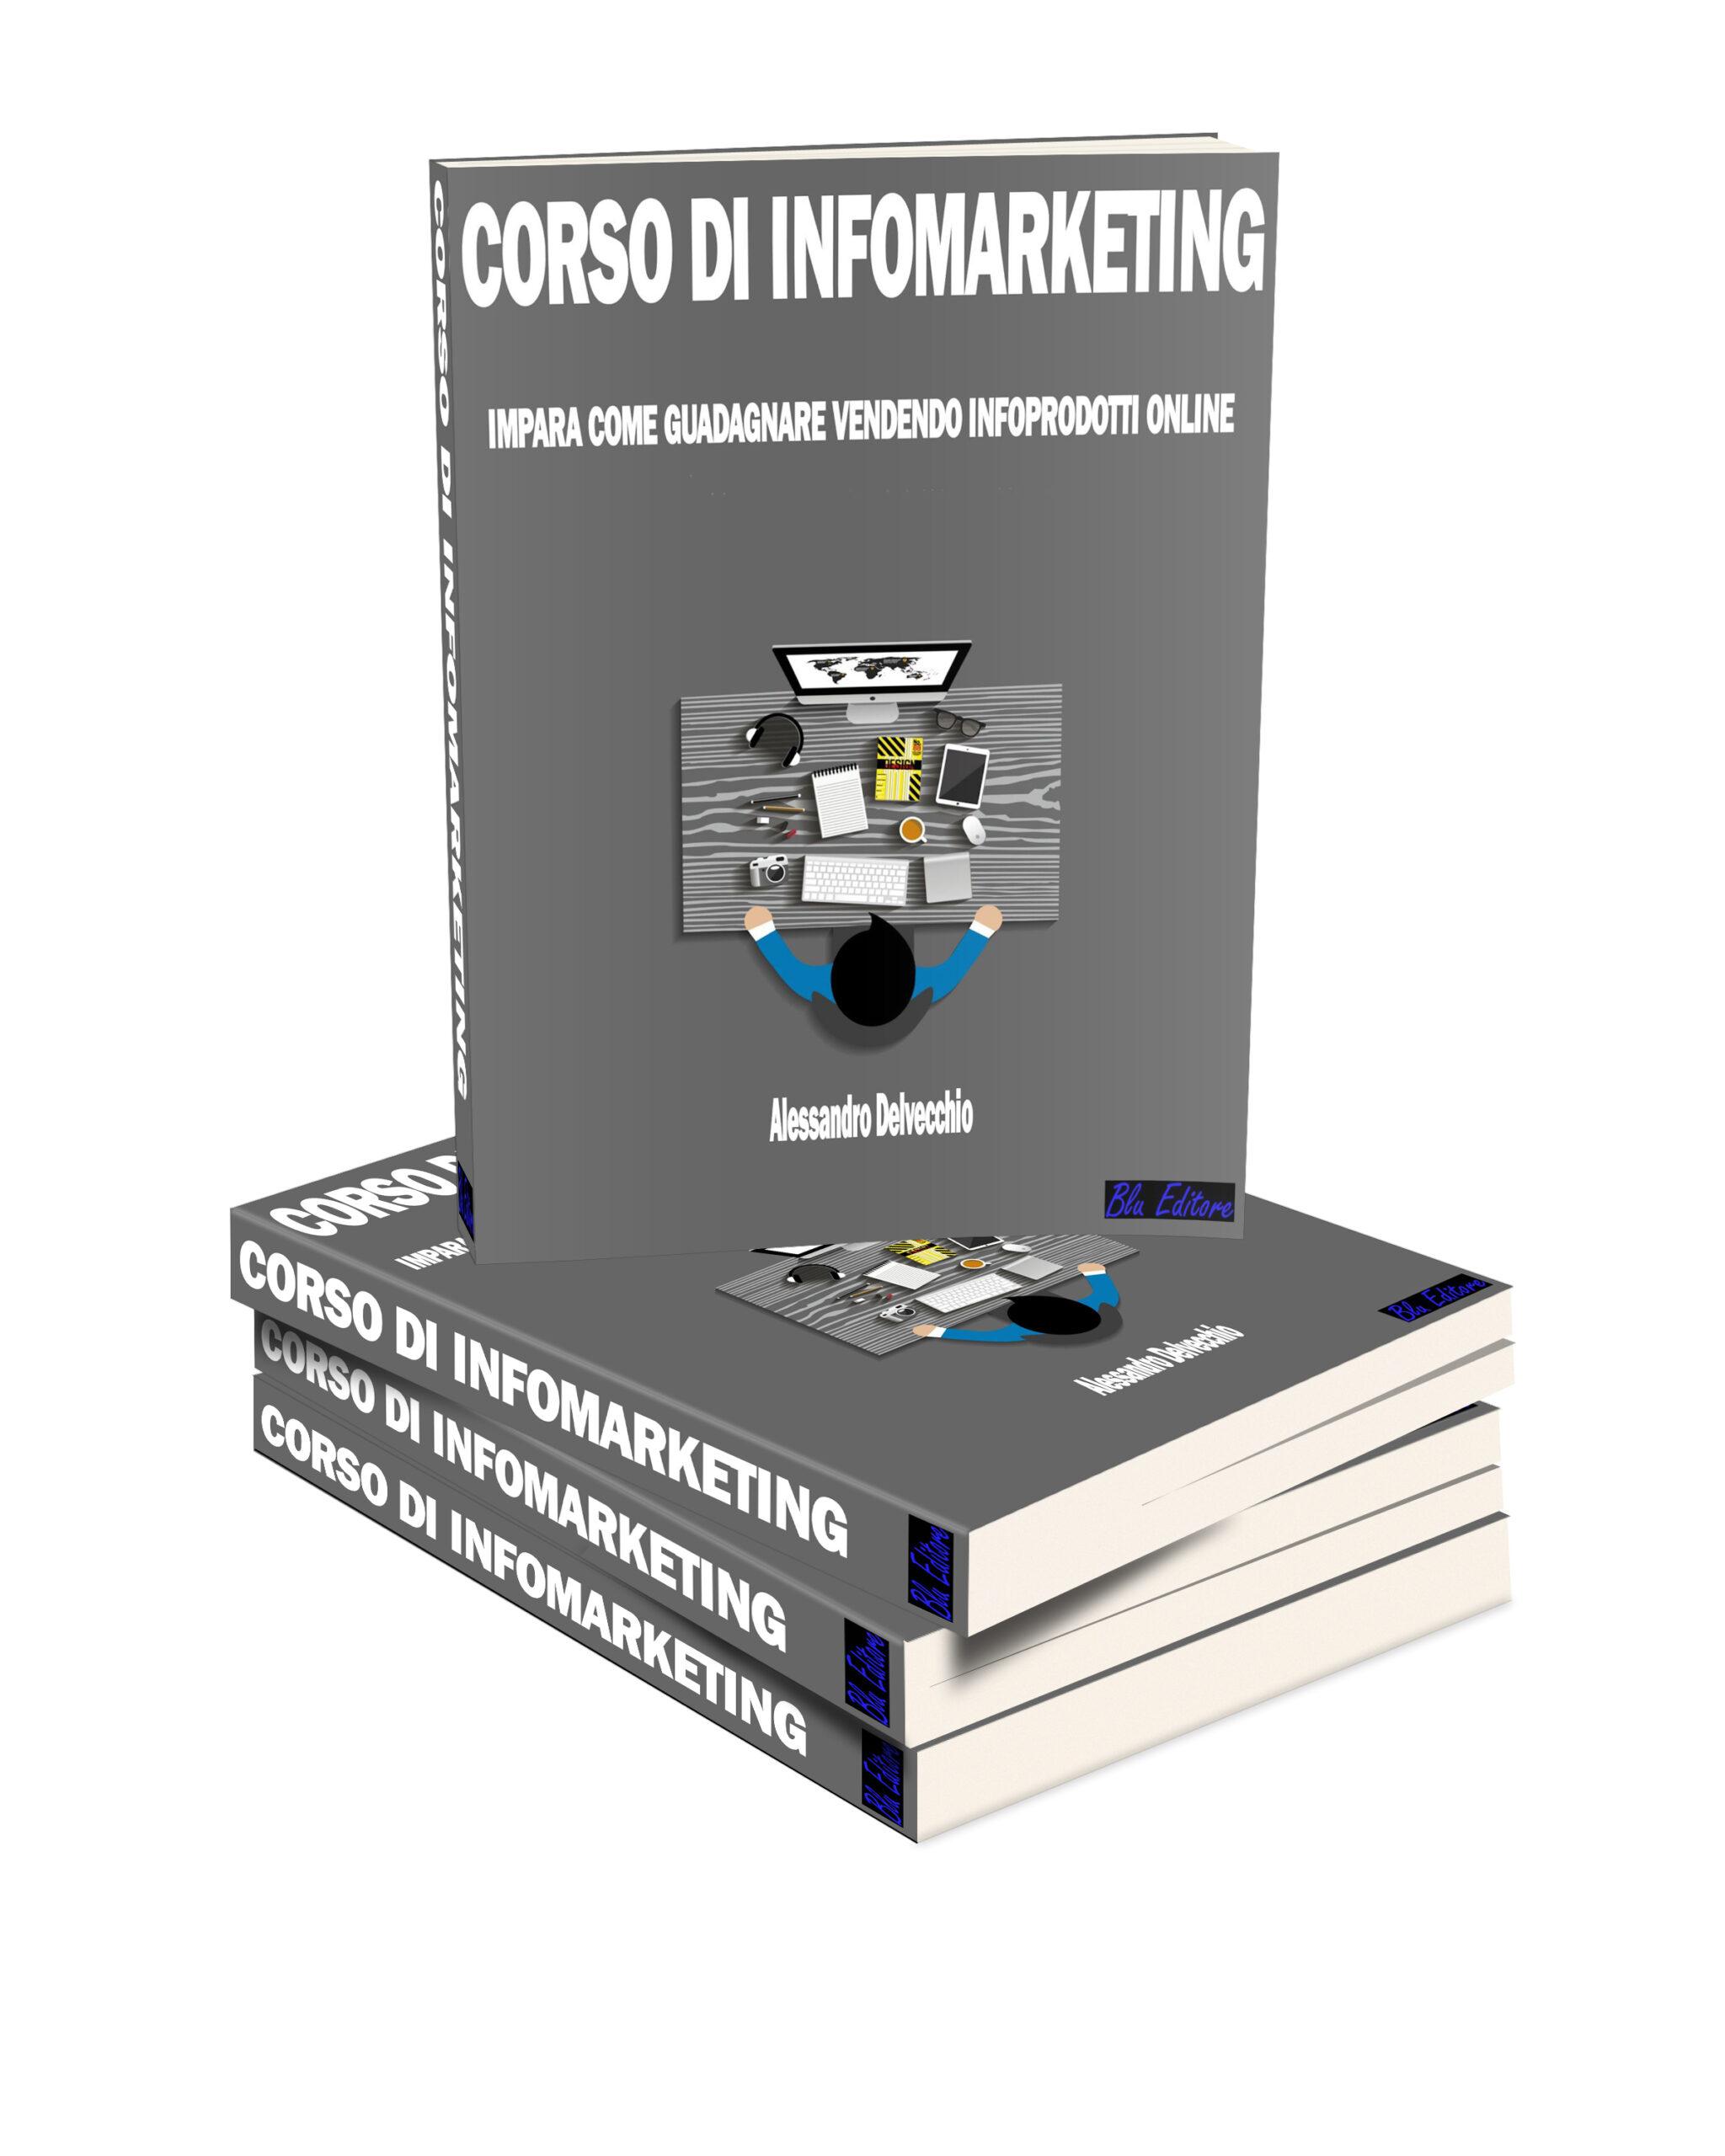 Corso di Infomarketing più Strumenti di vendita